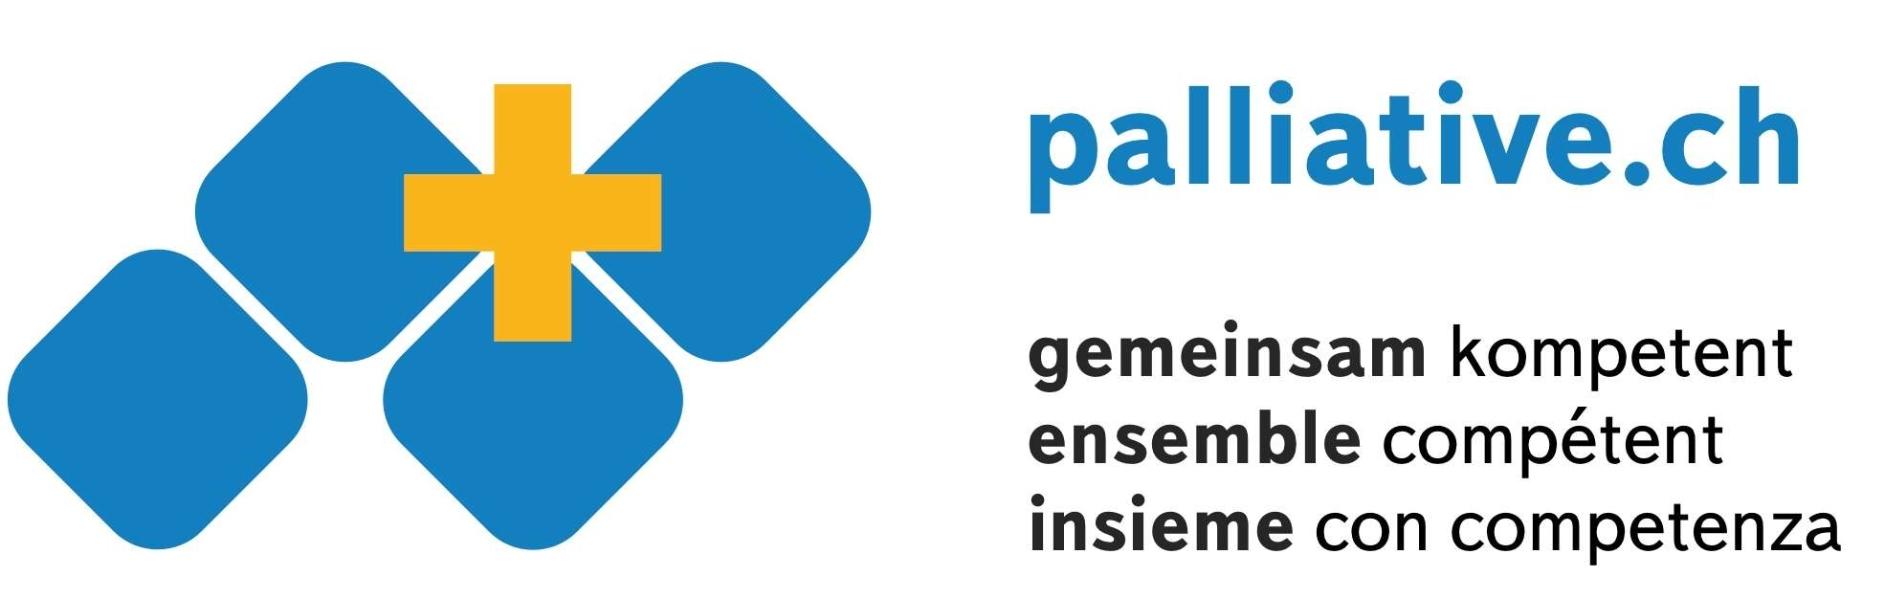 palliative.ch gemeinsam kompetent ensemble compétent insieme con competenza